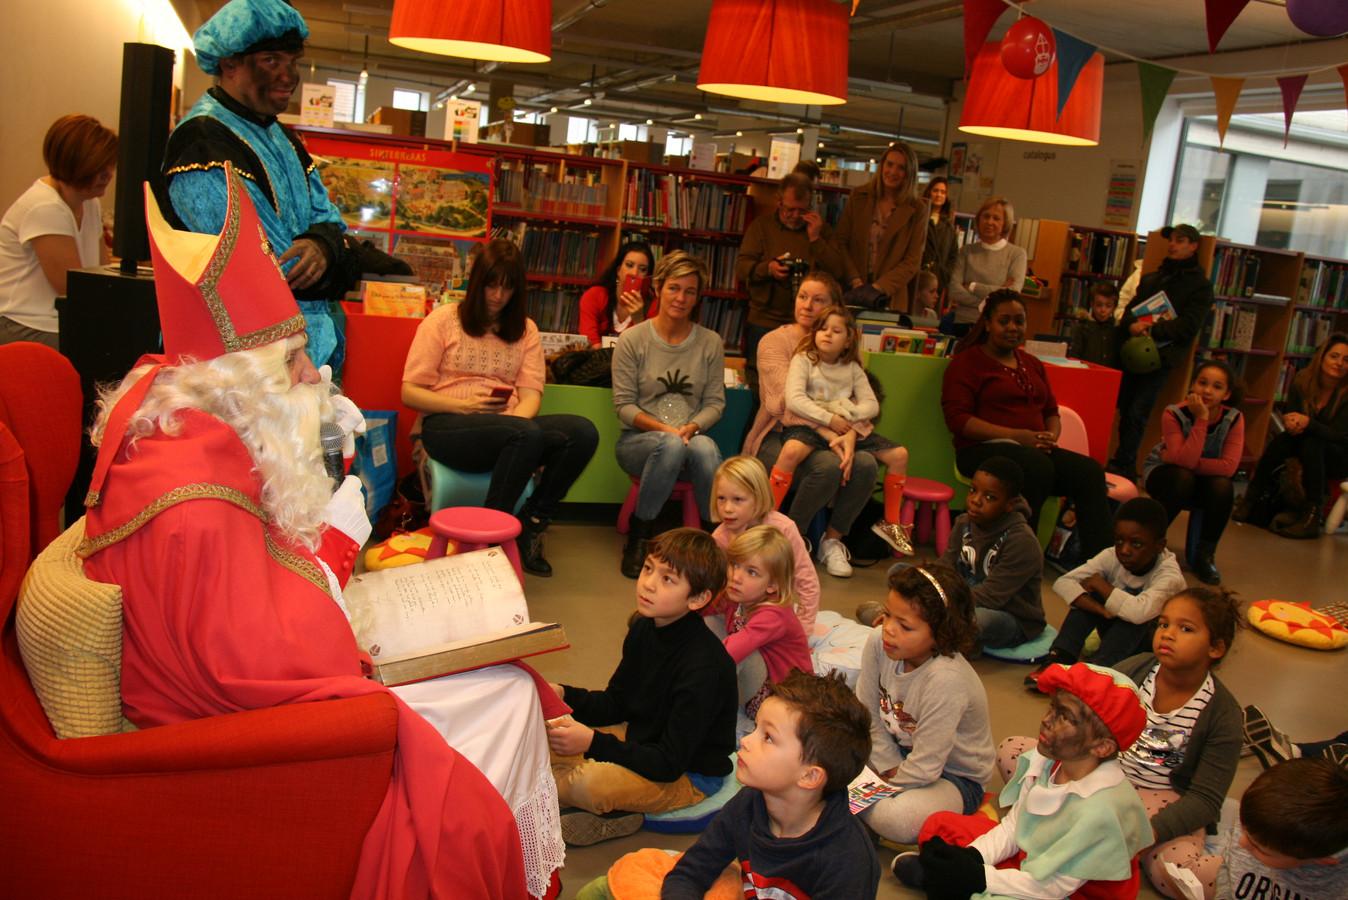 Kinderen luisteren aandachtig naar de voorleesverhalen van de Sint